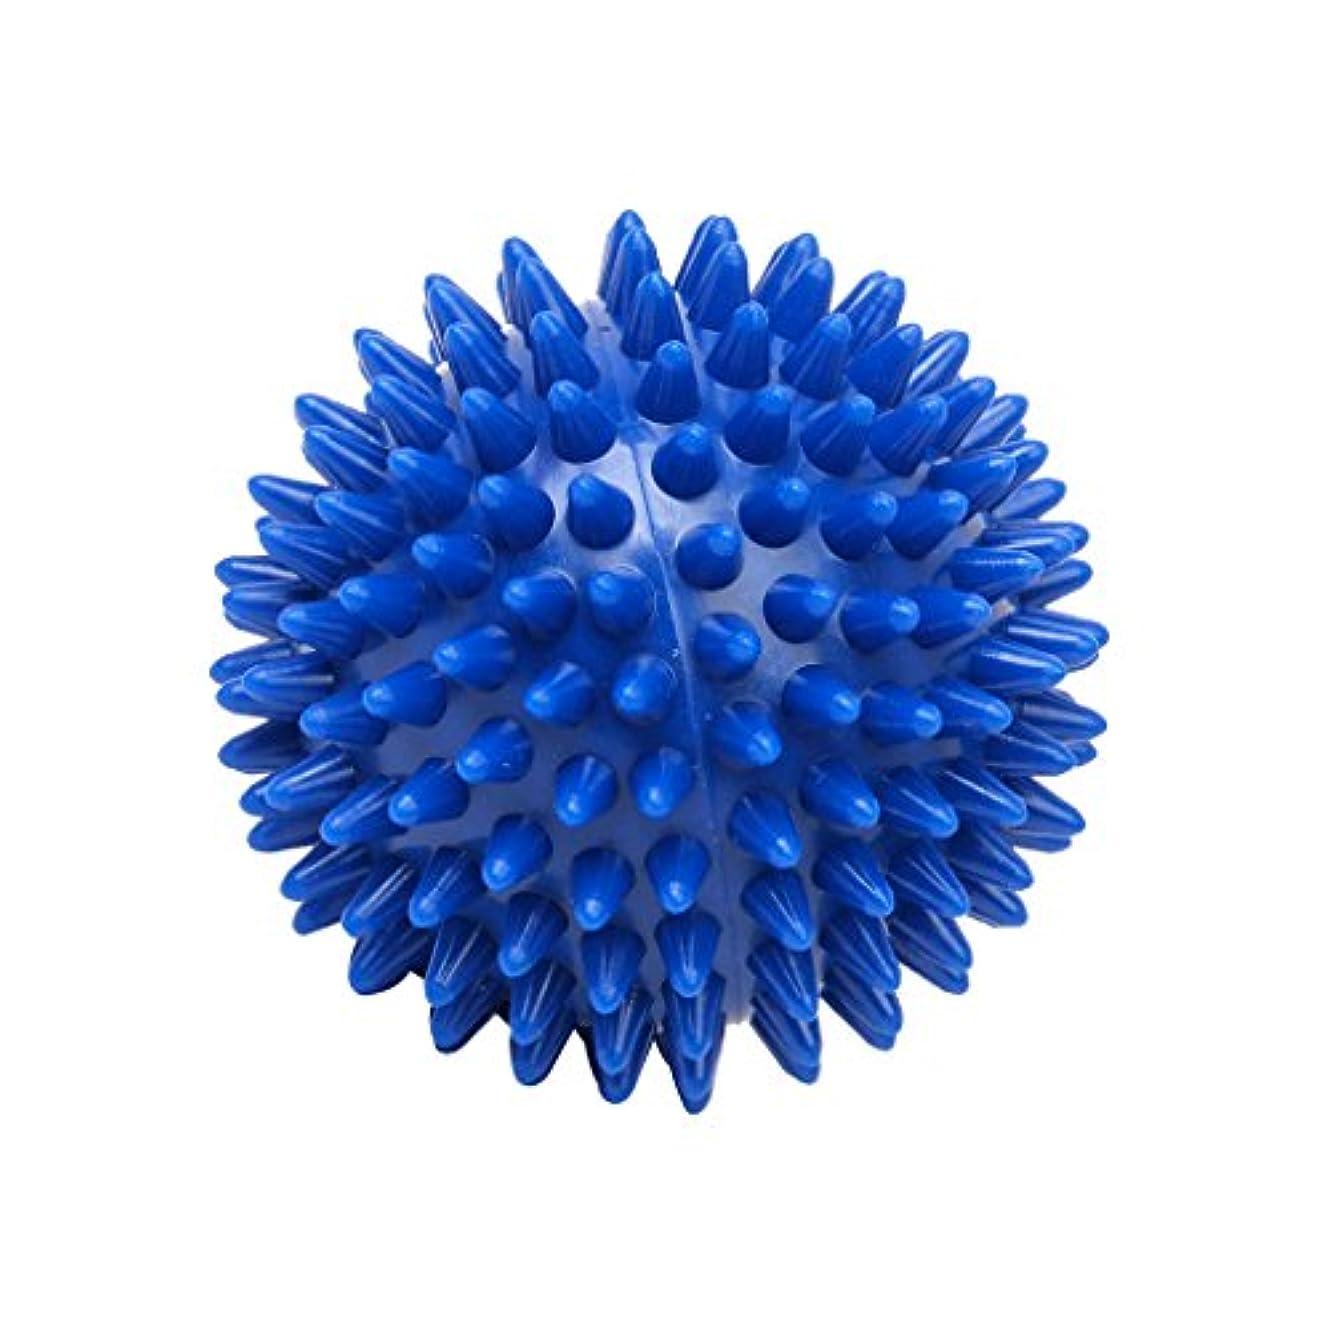 上記の頭と肩望む会員Footful マッサージボール 健康グッズ 健康器具 血液循環促進 緊張緩和 7cm ブルー